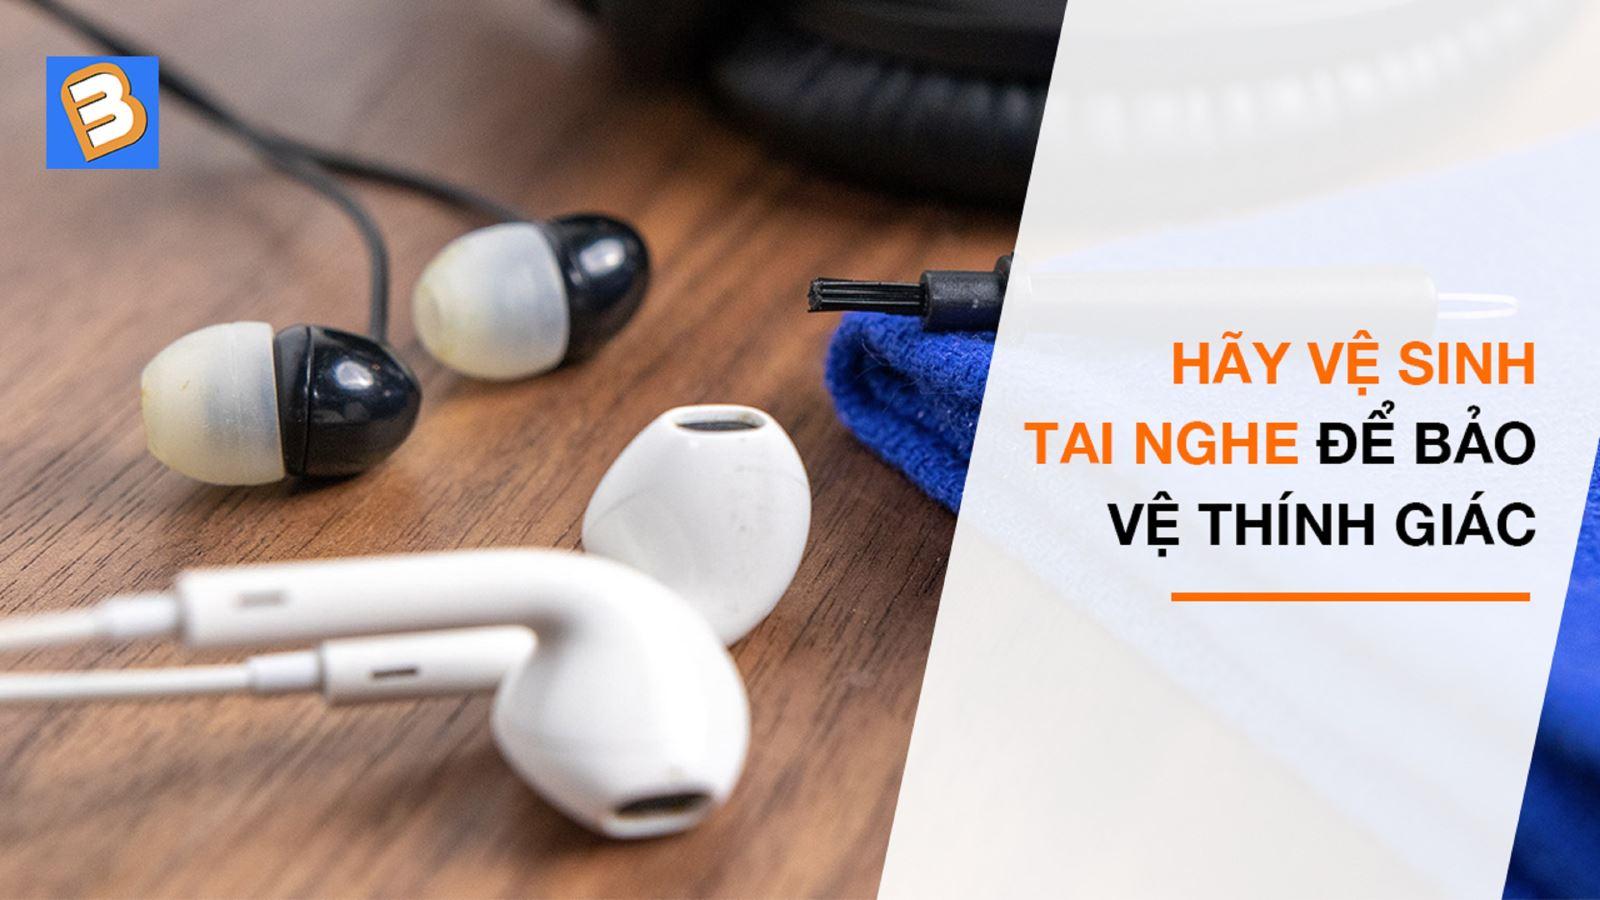 Hãy vệ sinh tai nghe để bảo vệ thính giác